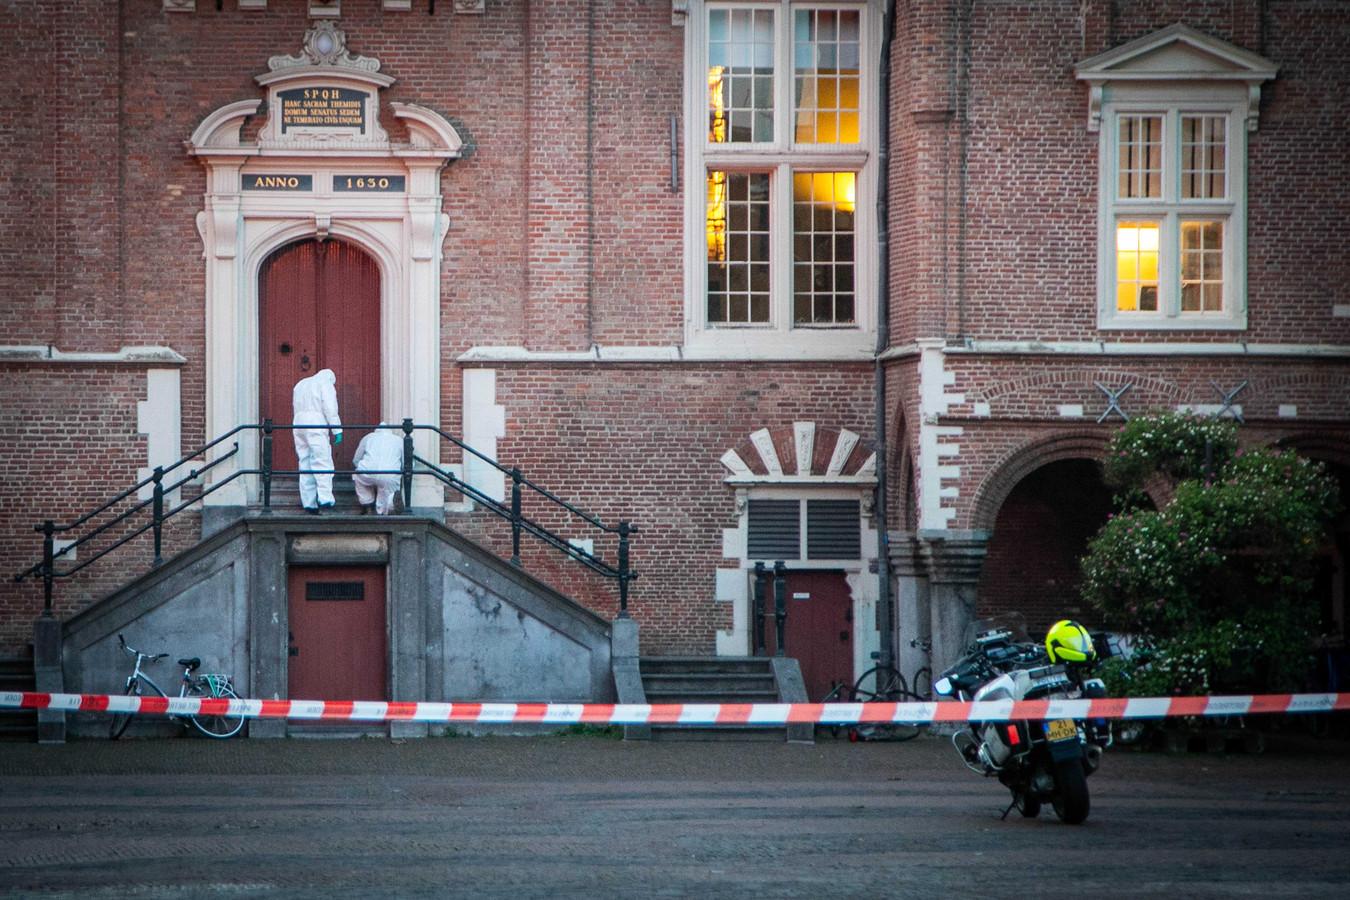 Het stadhuis in Haarlem is vanmiddag ontruimd vanwege een verdacht voorwerp op de trap voor het gebouw aan de Grote Markt. De politie heeft verklaard dat het om een handgranaat lijkt te gaan.